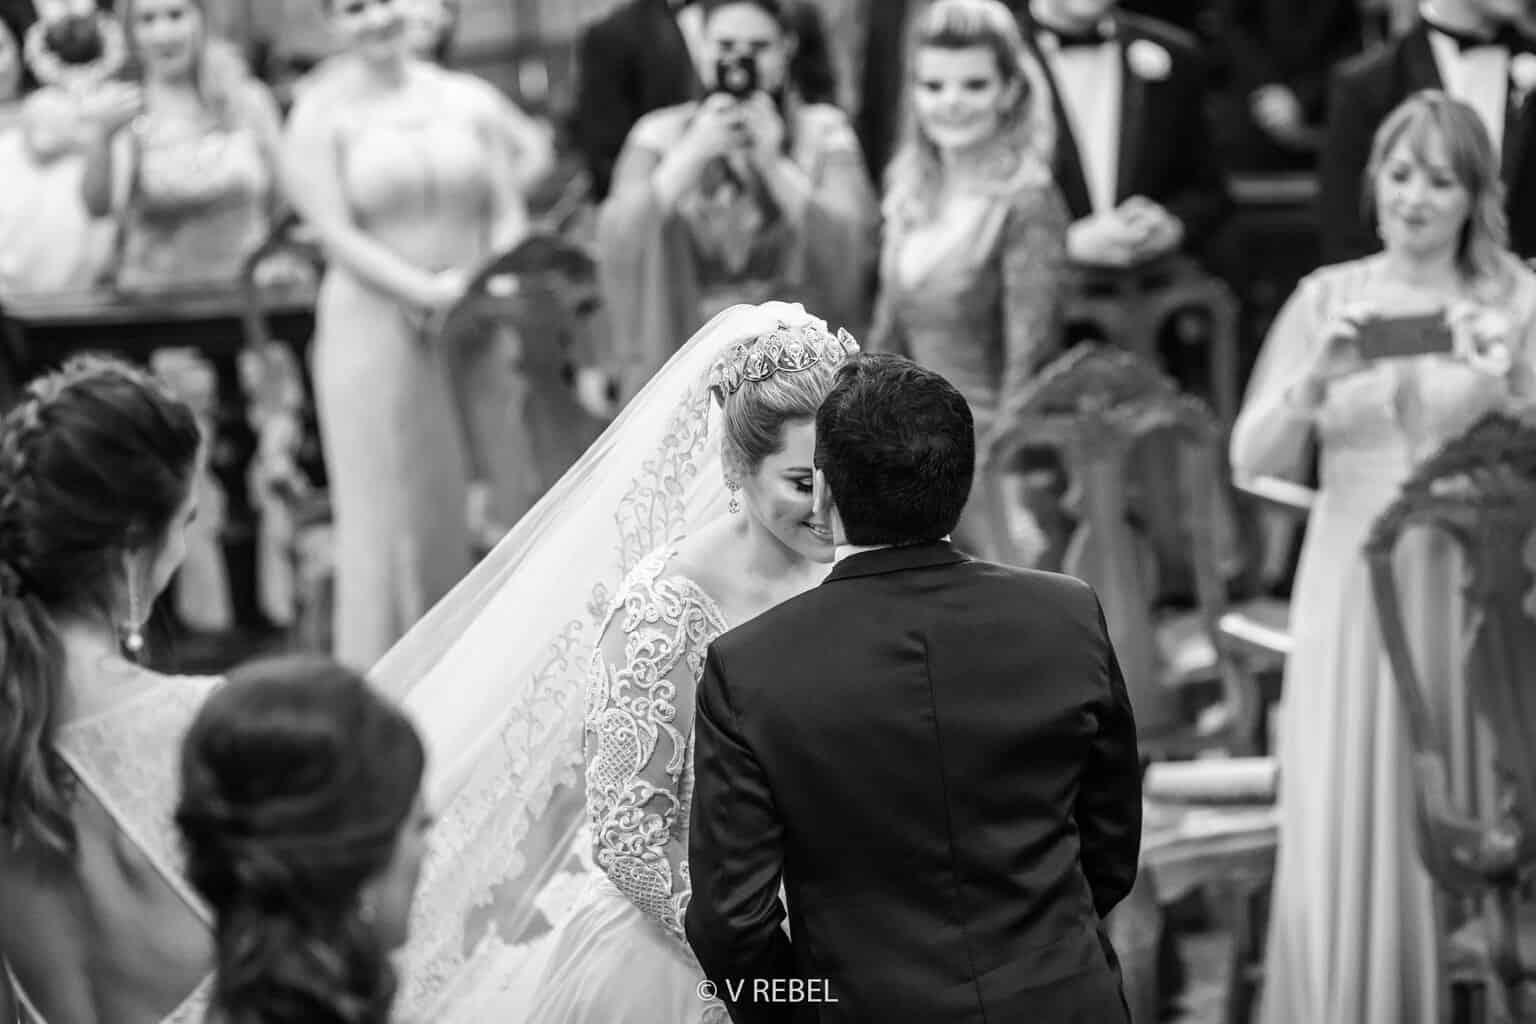 casamento-Caroline-e-Breno-casamento-clássico-cerimonia-na-igreja-fotografia-VRebel-noivos-no-altar37